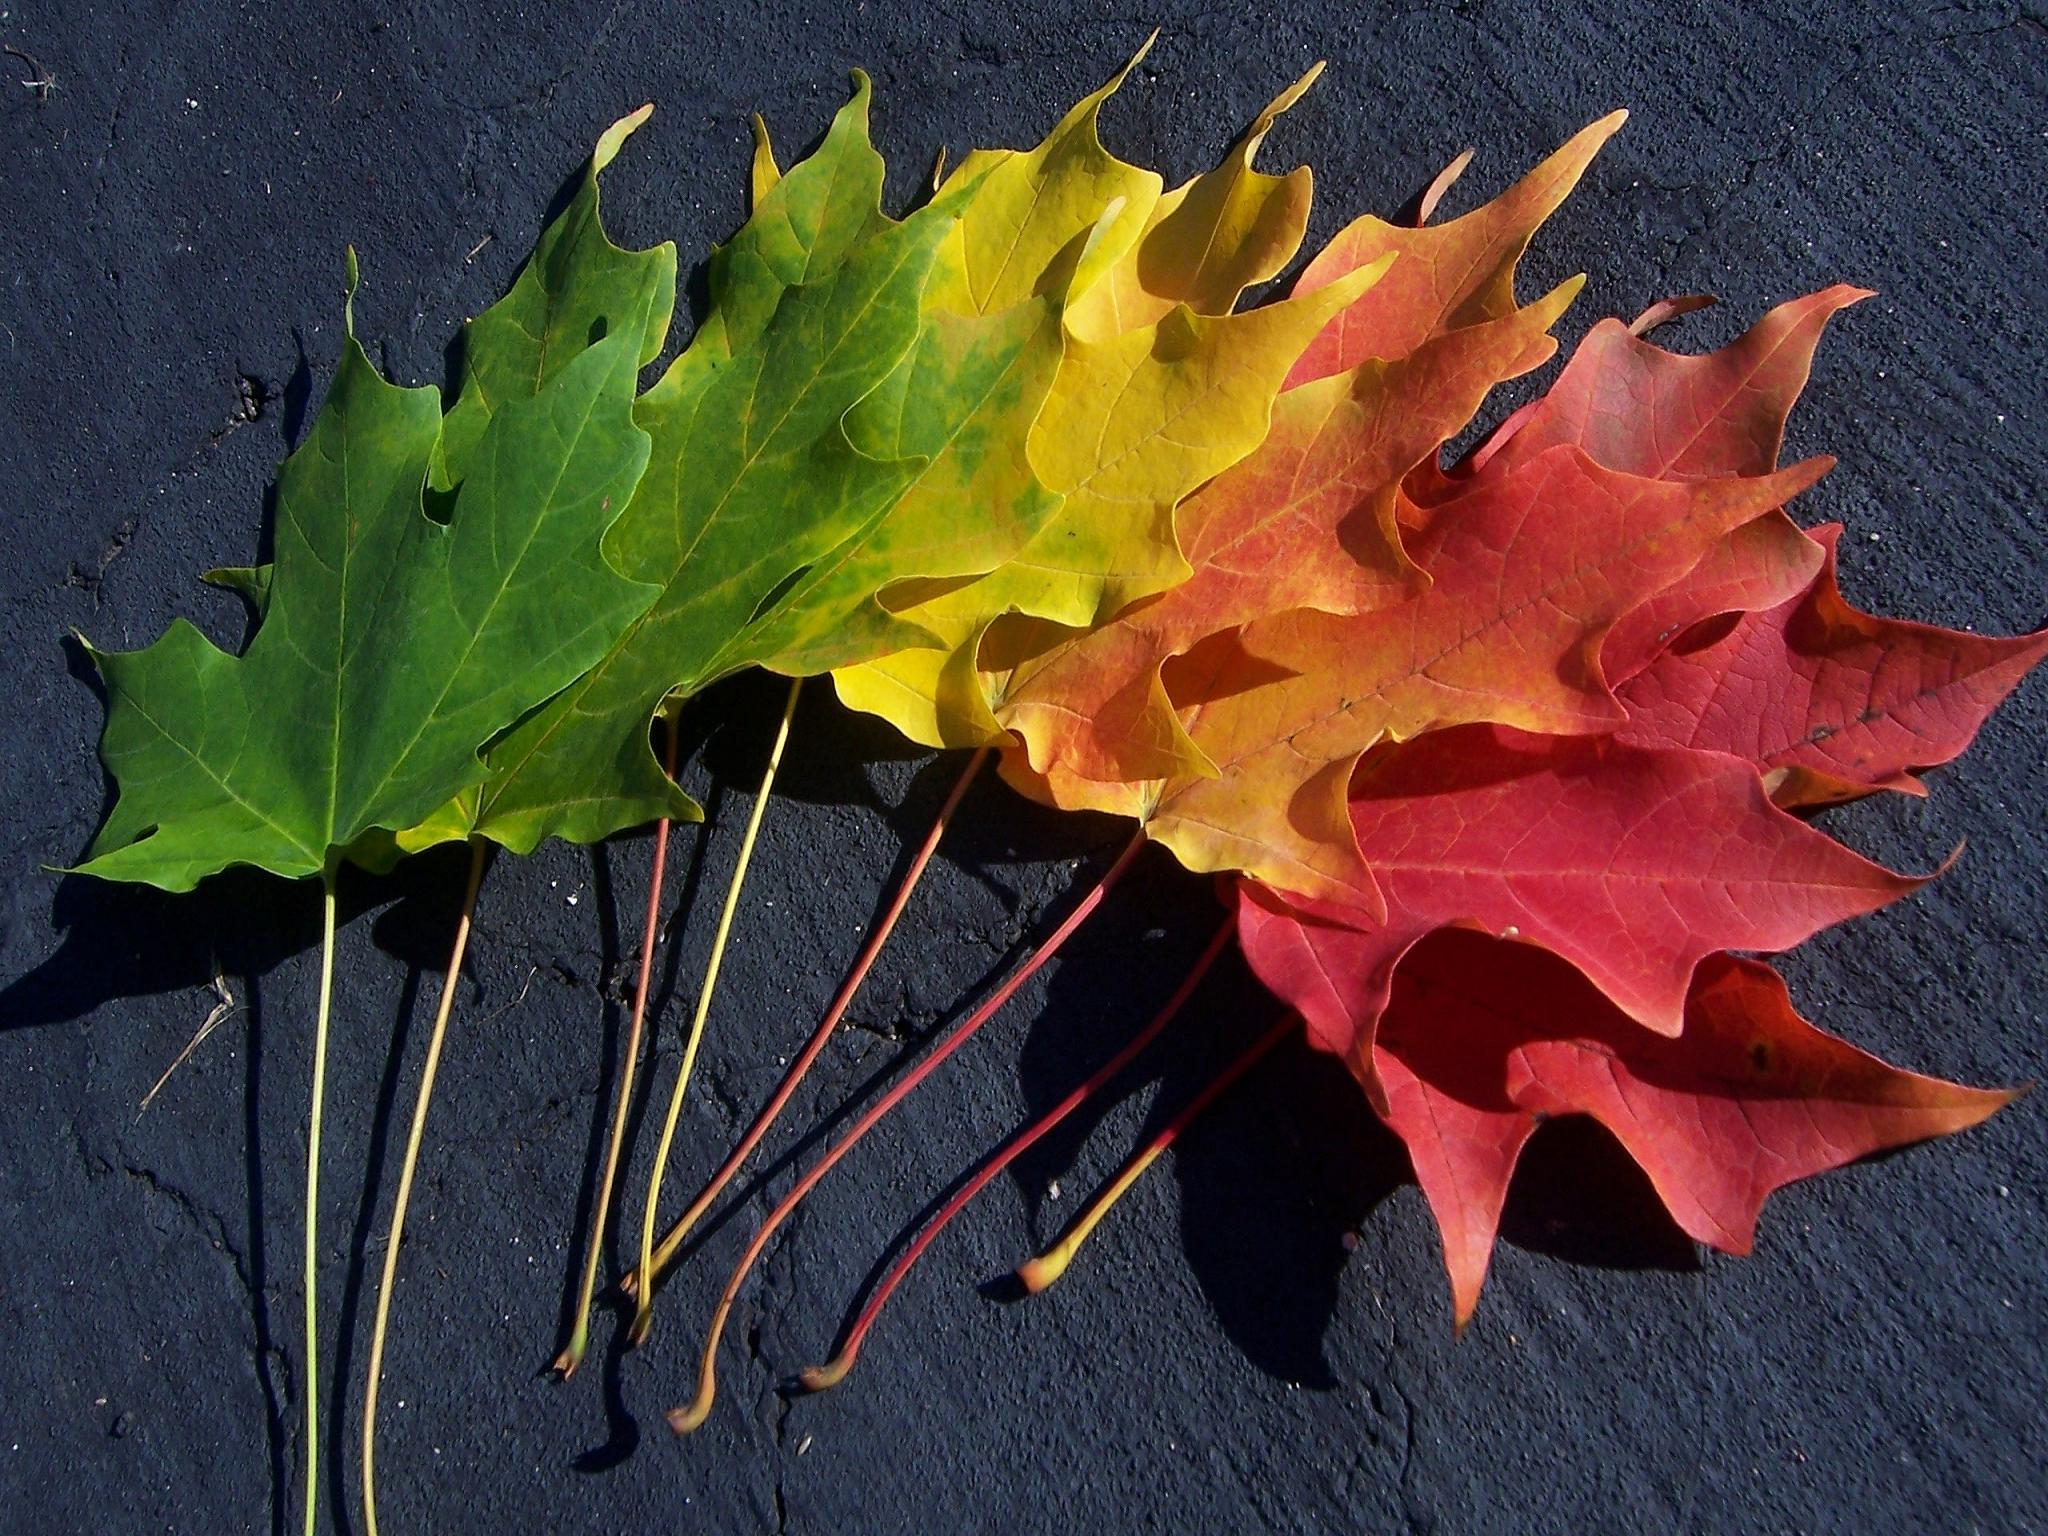 осенние листья, листья клена всех цветов радуги, скачать фото